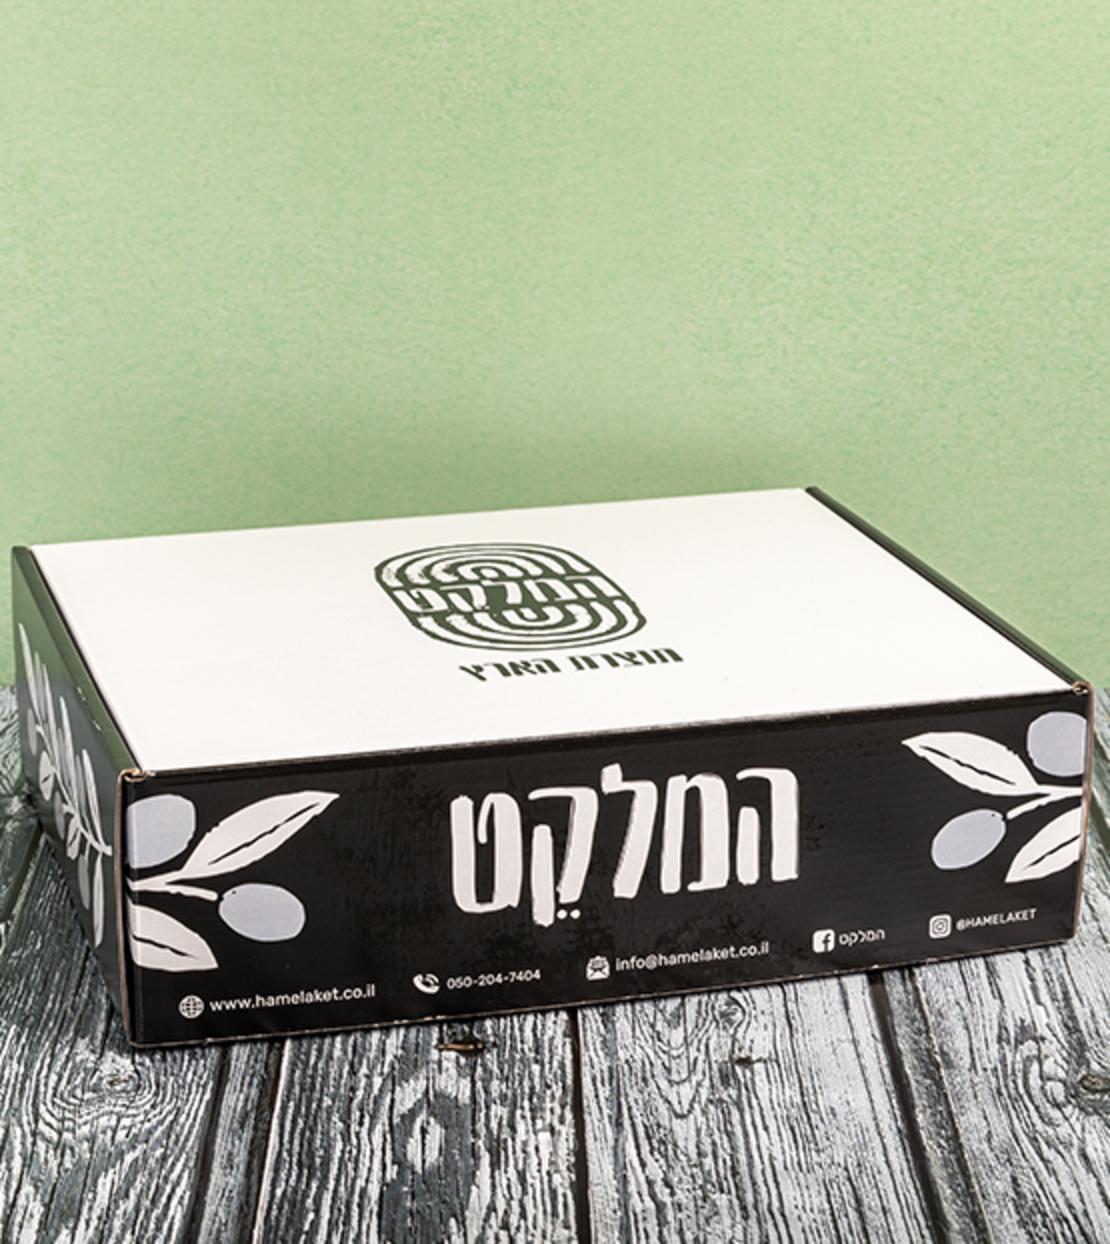 מארז של 8 גבינות בוטיק - אוהבי גבינות זה בשבילכם!